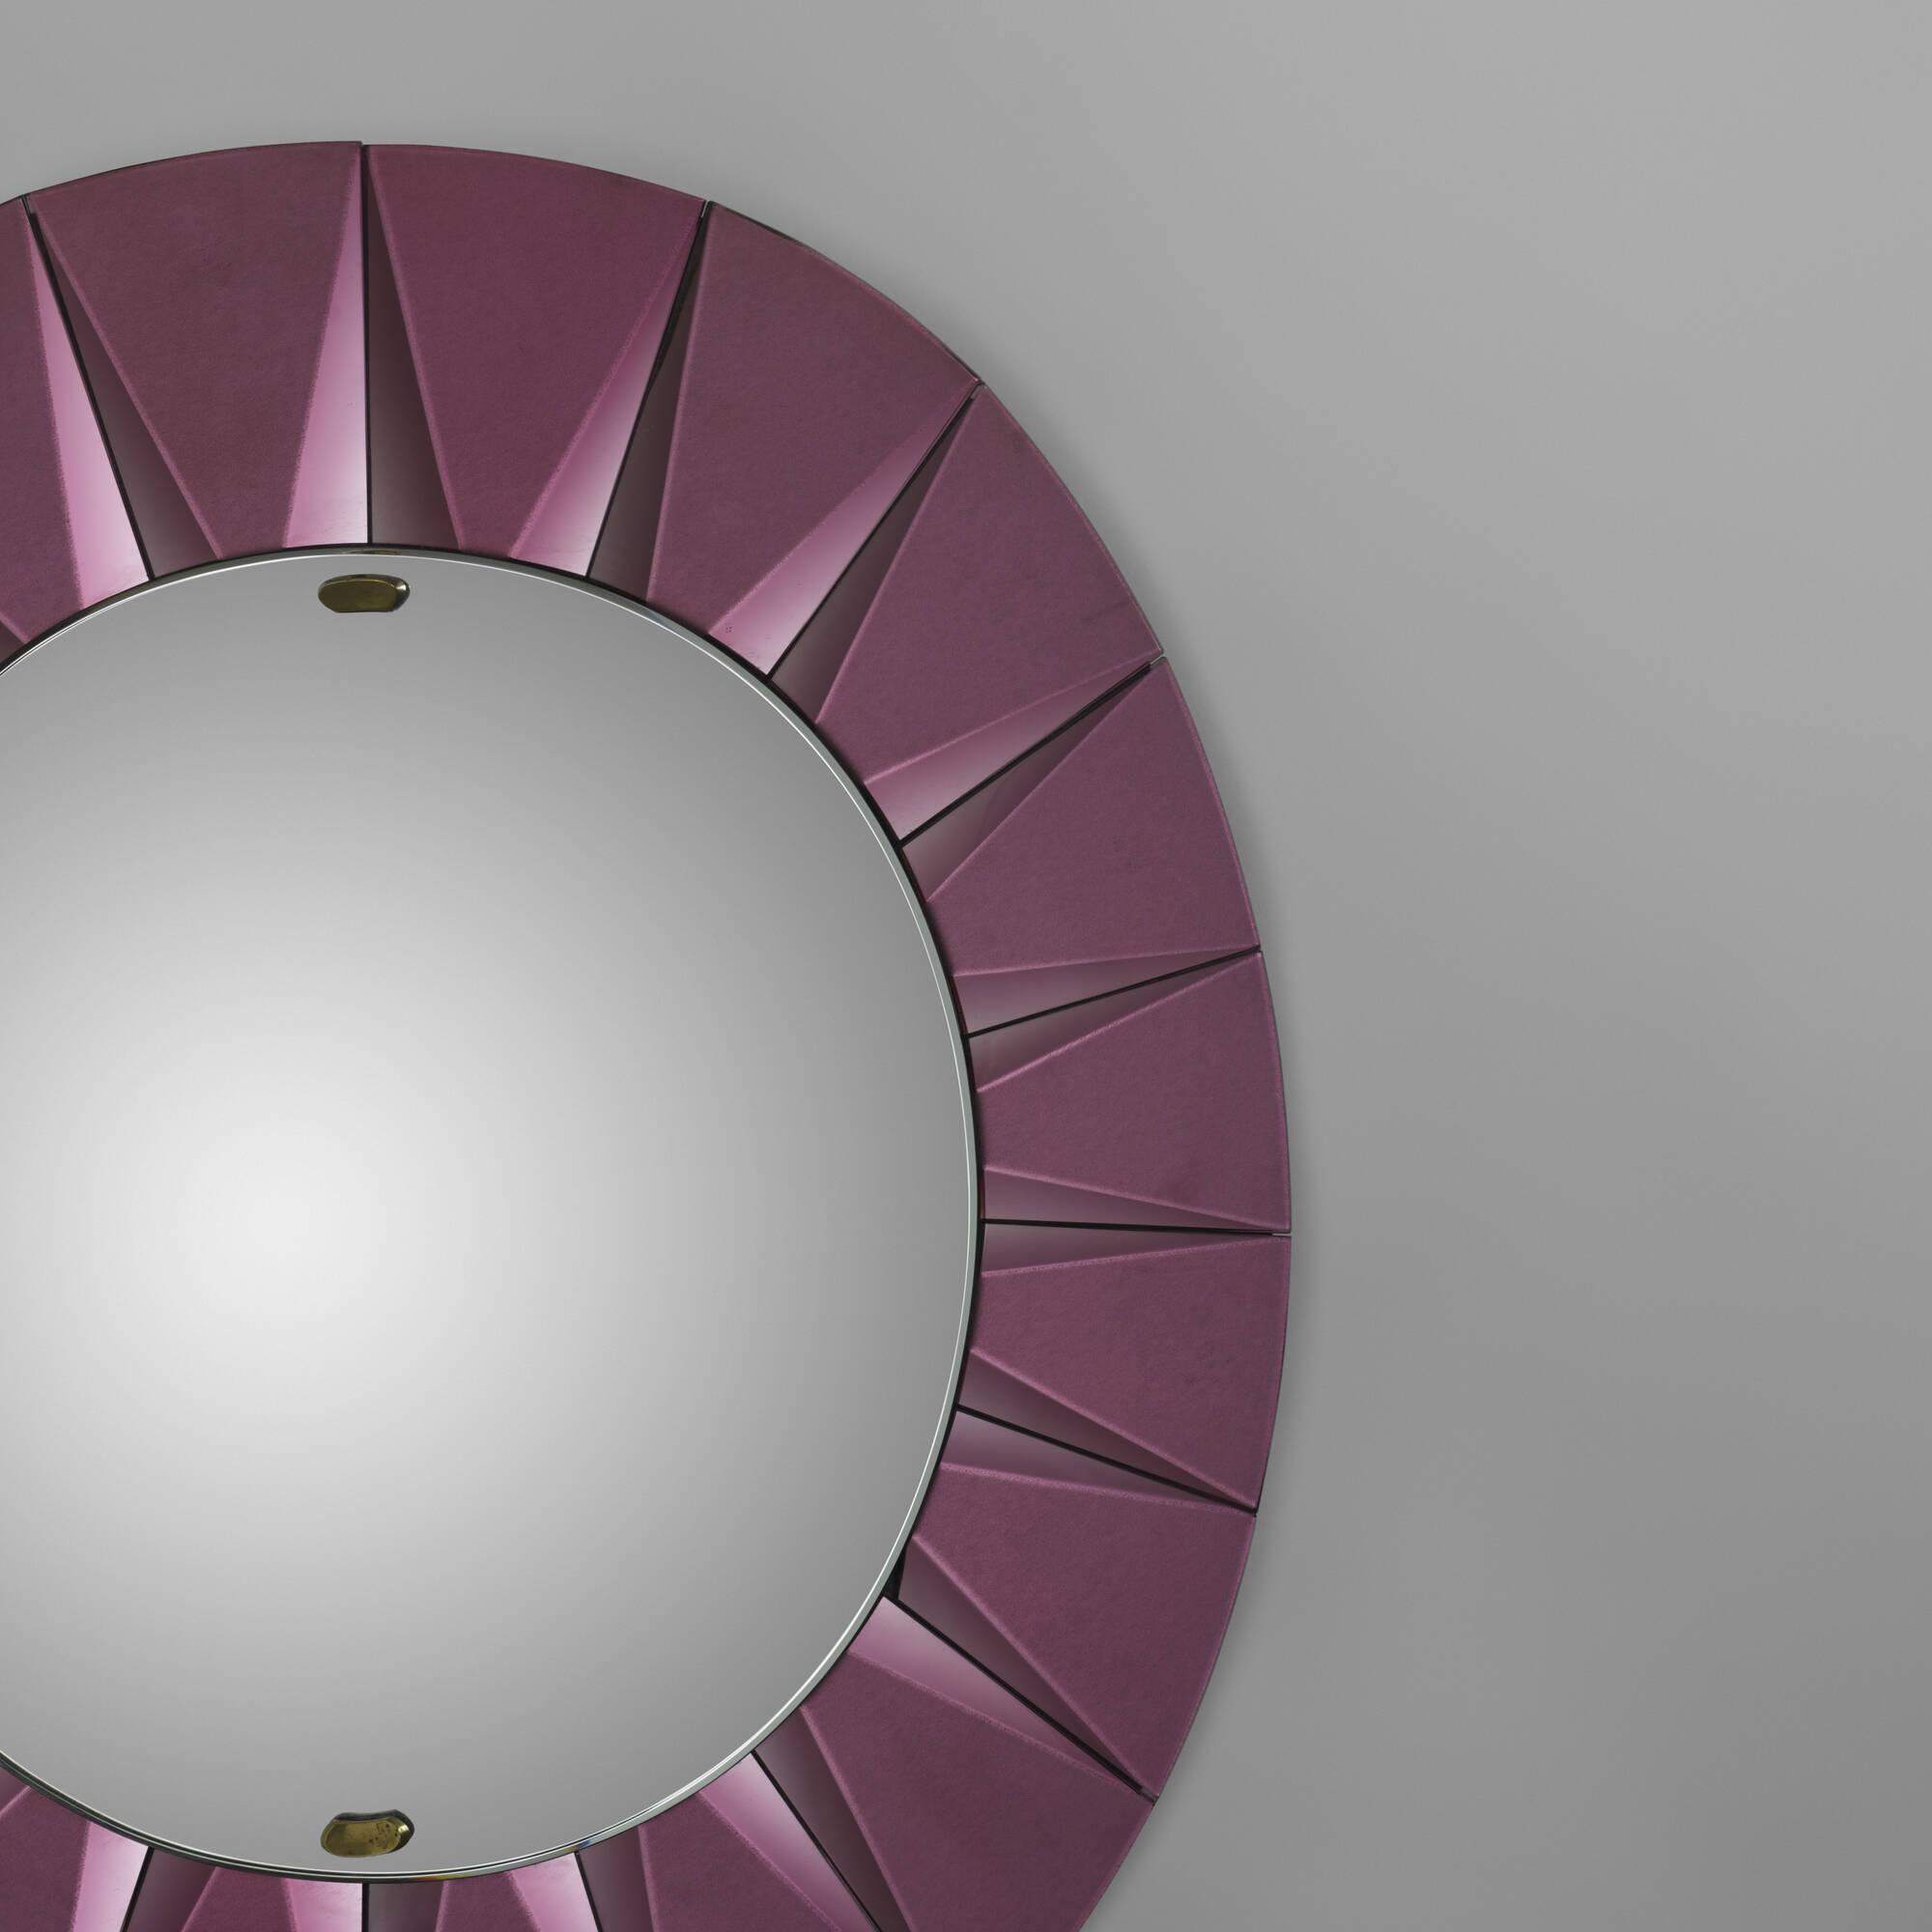 23: Fontana Arte / Rare and Important mirror (2 of 3)